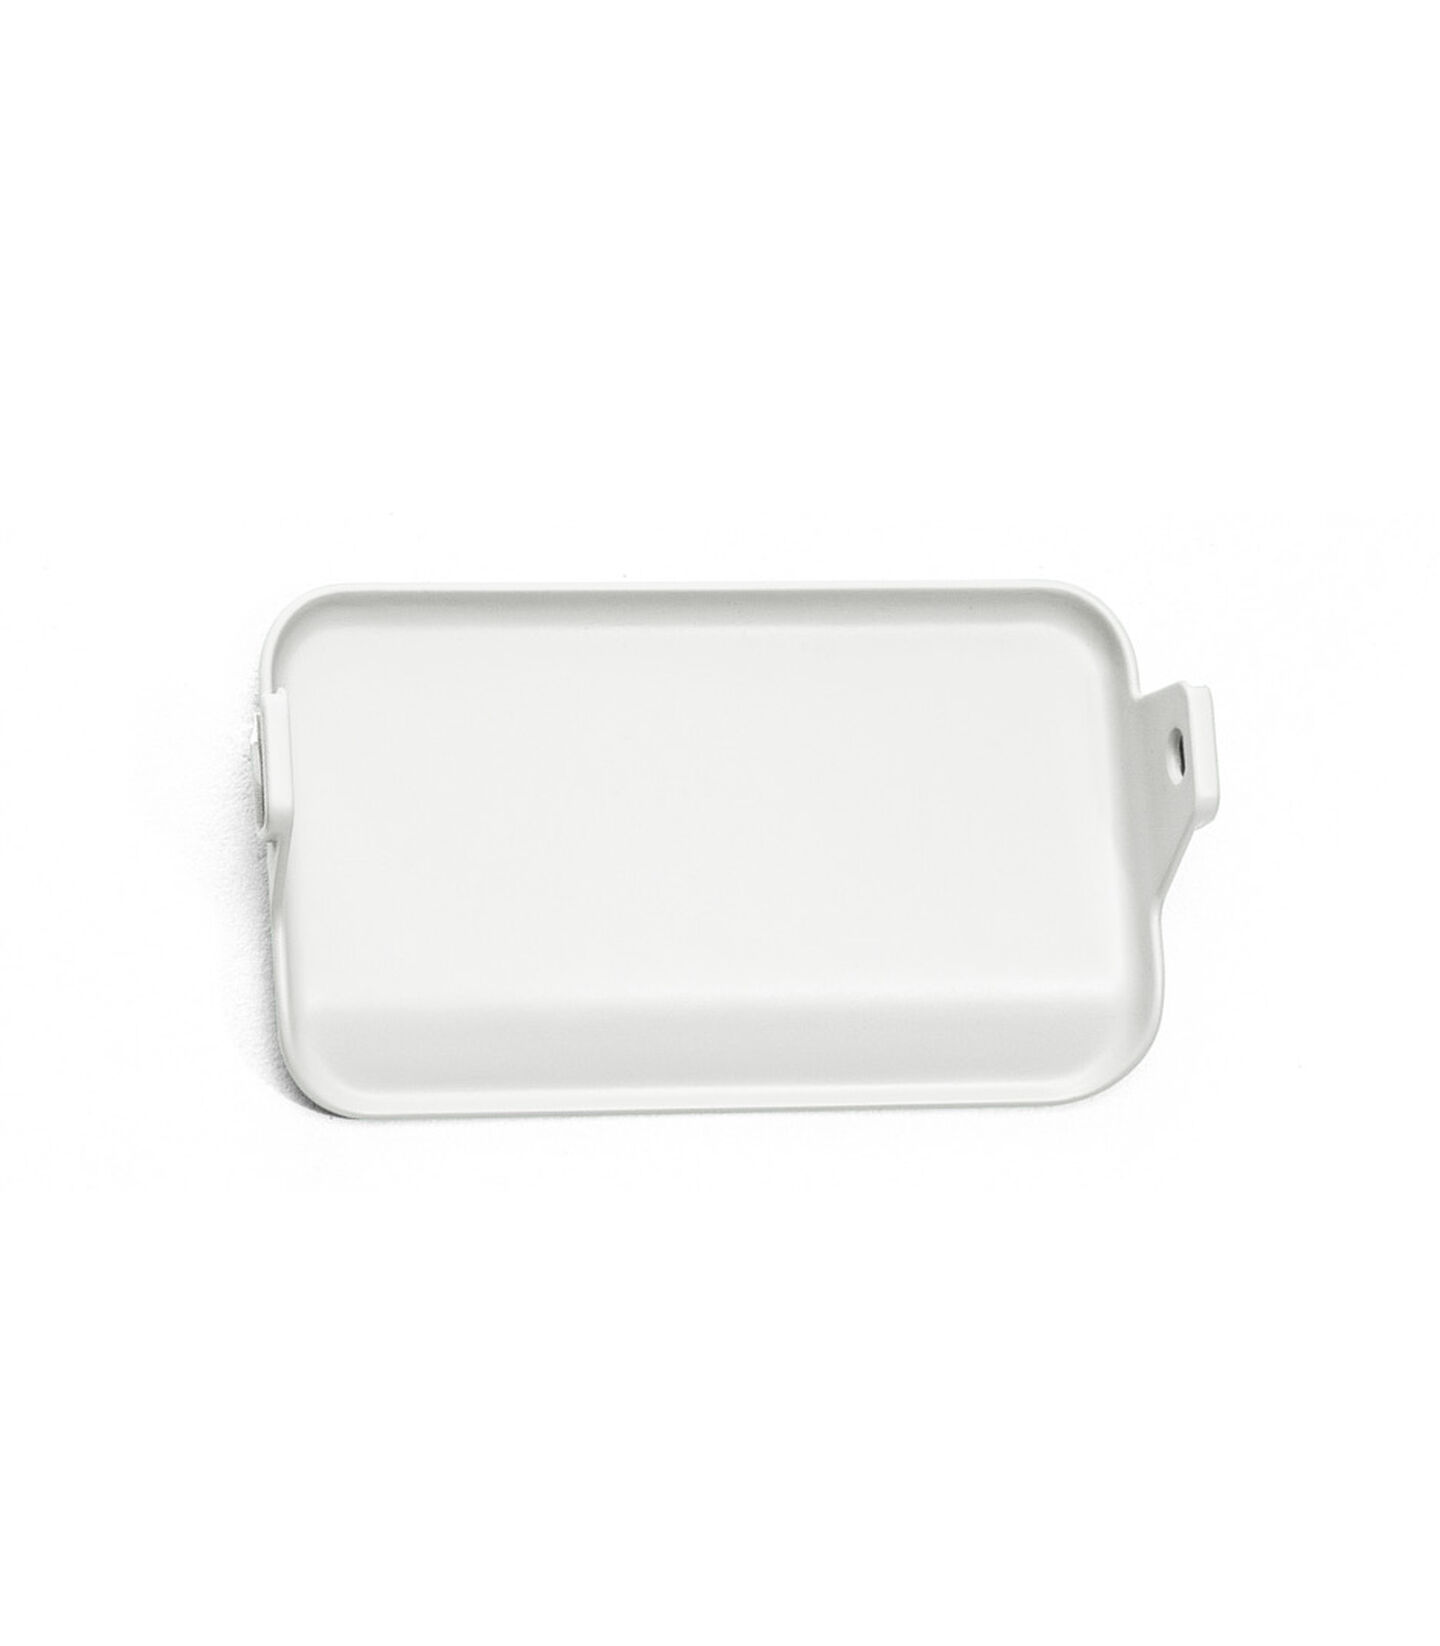 Repose-pieds Stokke® Clikk™ Blanc, Blanc, mainview view 2